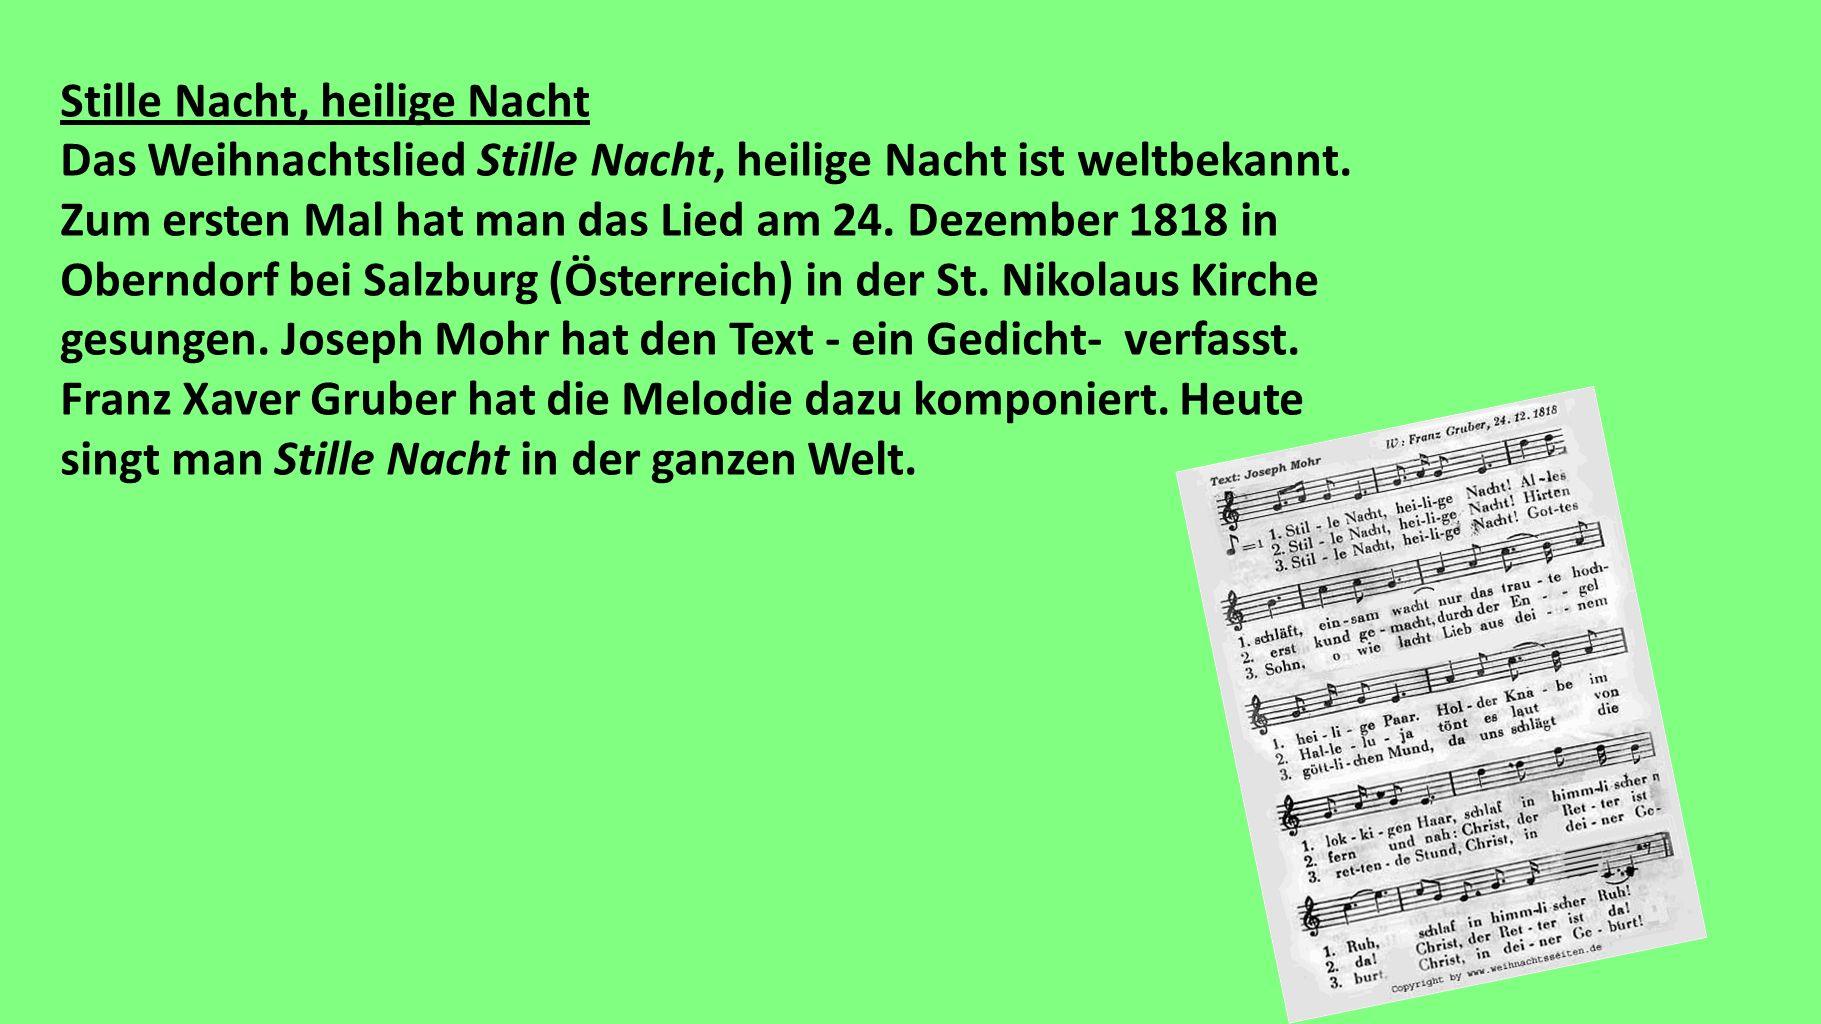 Stille Nacht, heilige Nacht Das Weihnachtslied Stille Nacht, heilige Nacht ist weltbekannt. Zum ersten Mal hat man das Lied am 24. Dezember 1818 in Ob